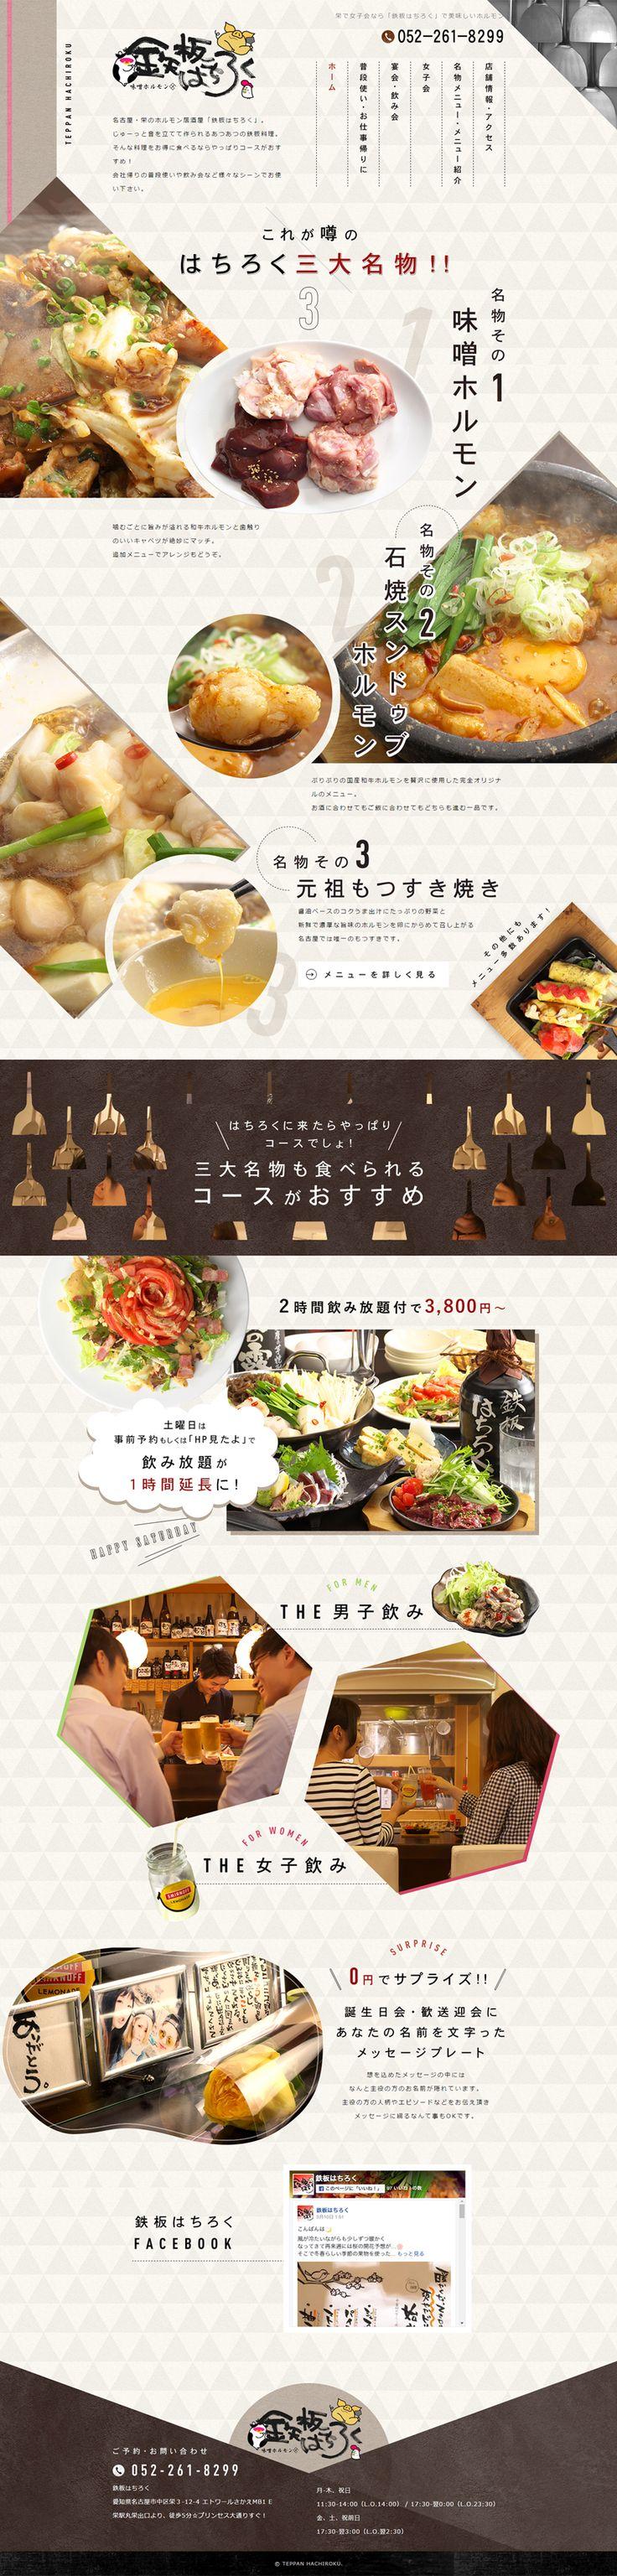 鉄板はちろく【食品関連】のLPデザイン。WEBデザイナーさん必見!ランディングページのデザイン参考に(かわいい系)